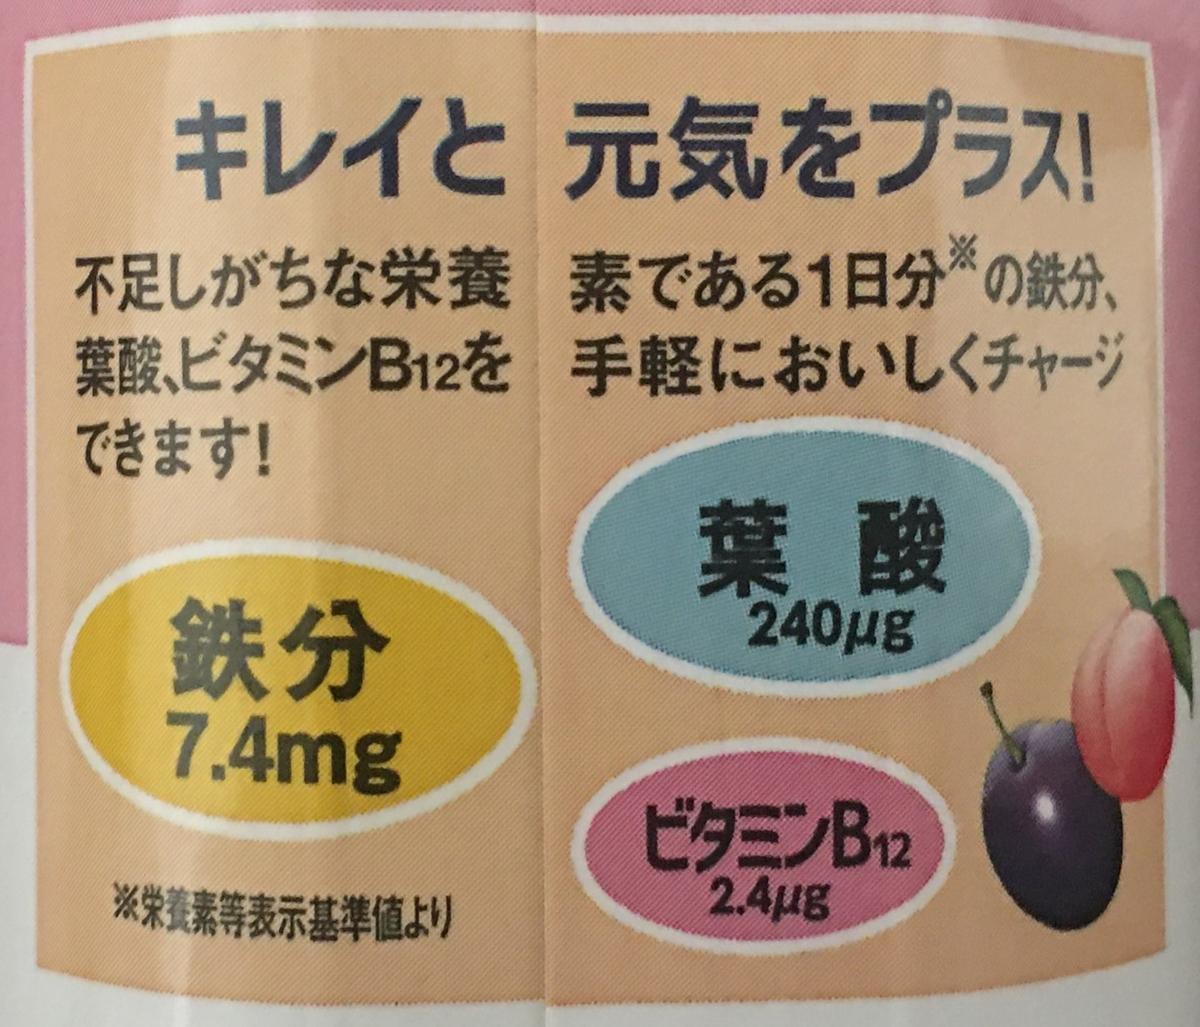 f:id:YOSHIO1010:20200414184246j:plain